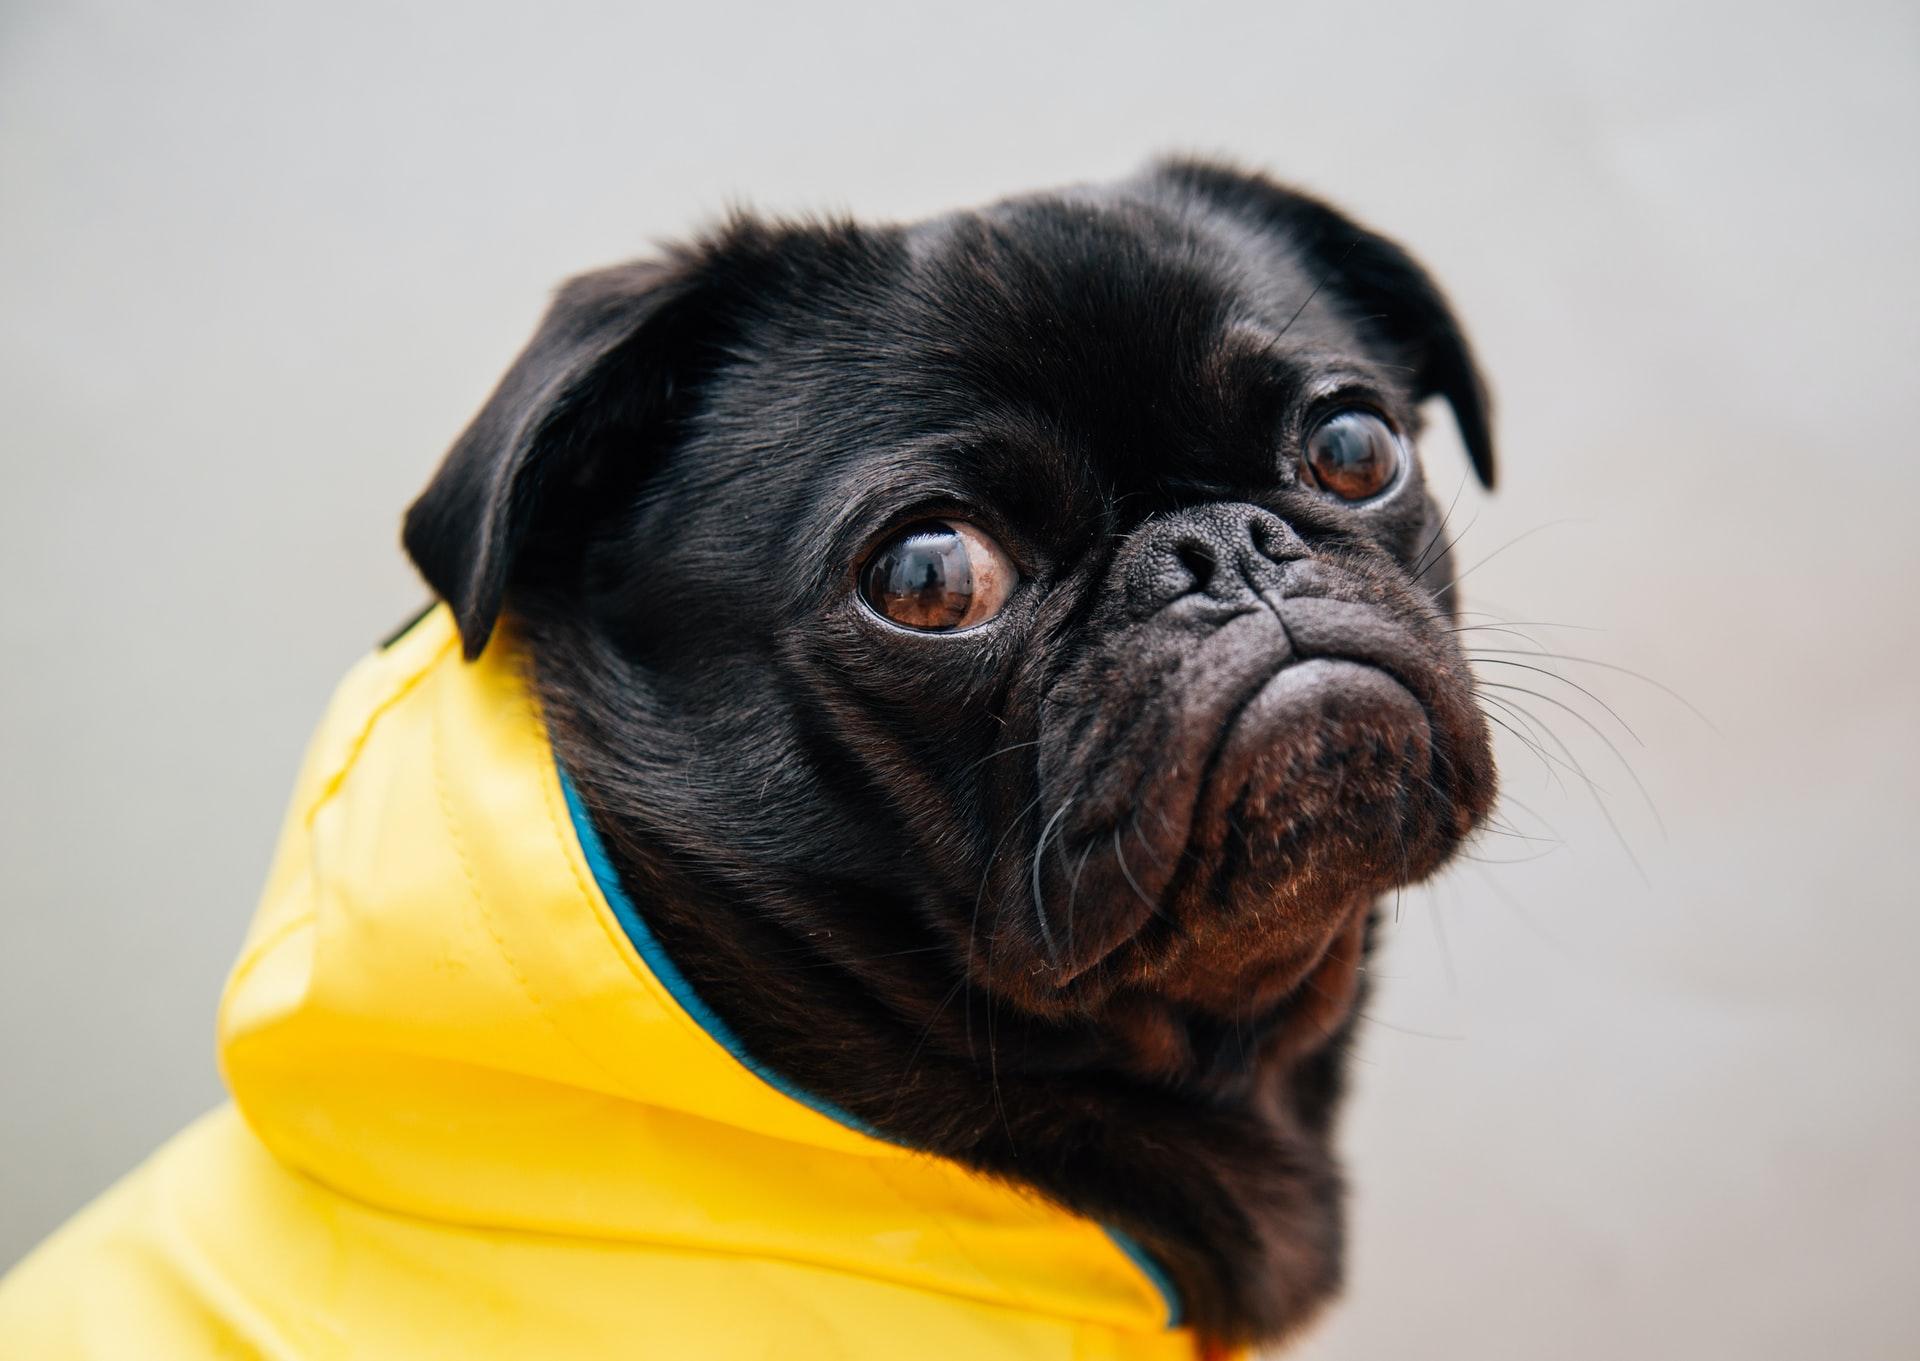 Auf dem Bild ist ein schwarzer Hund zu sehen. Der Hund trägt einen gelben Regenmantel. Der Hund hat einen traurigen Gesichtsausdruck.